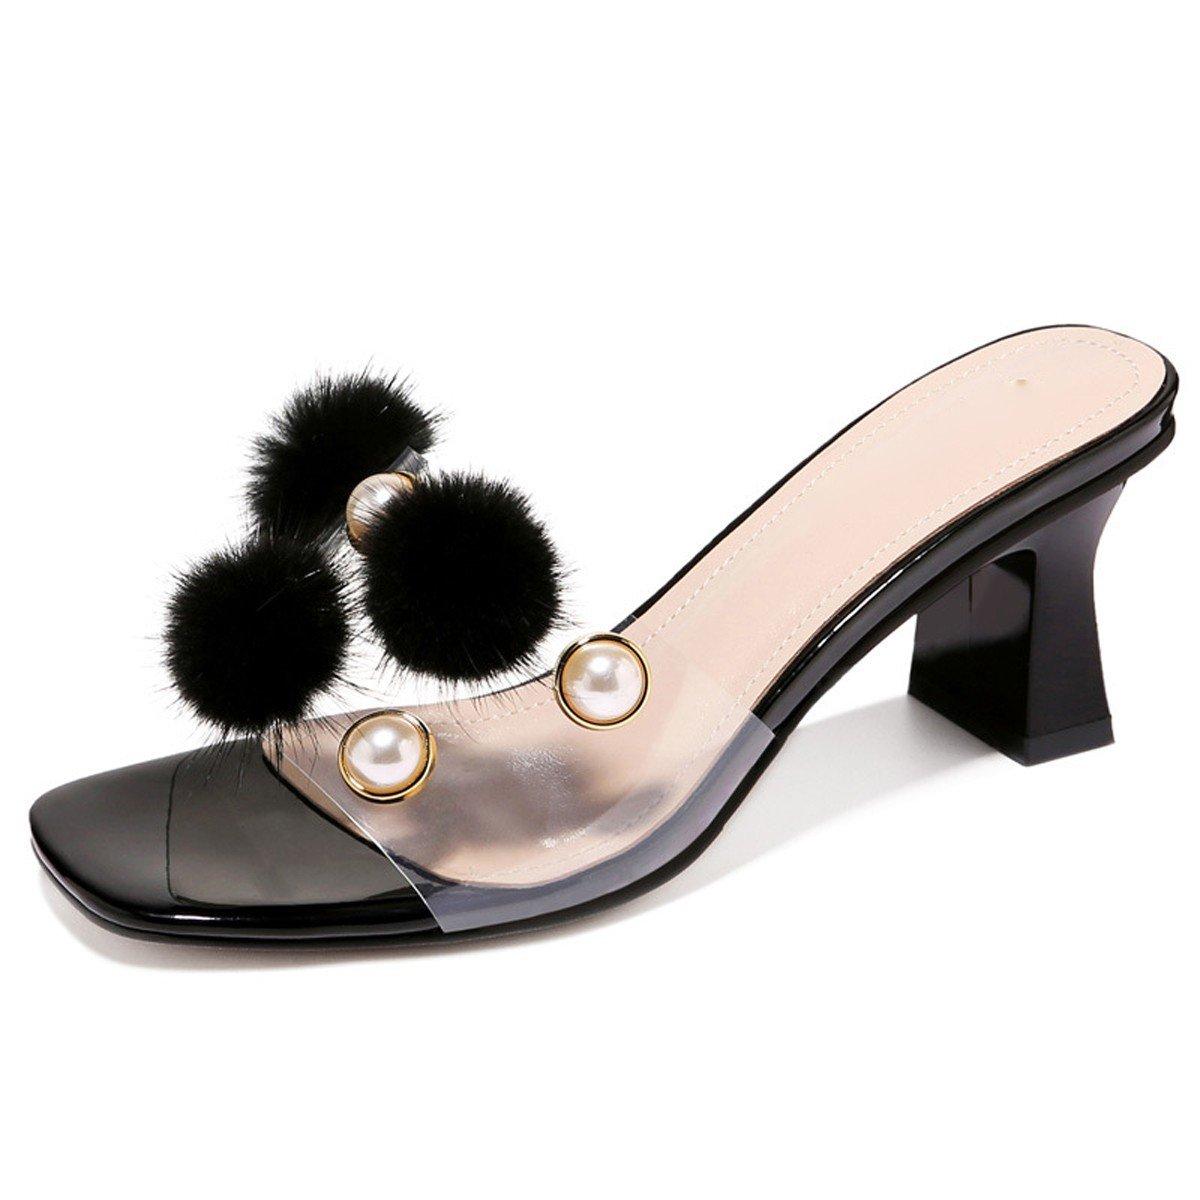 GTVERNH Damenschuhe Sommer - Mode Bietet Damenschuhe Transparente Wort Drag - and - Beach - Schuhe.